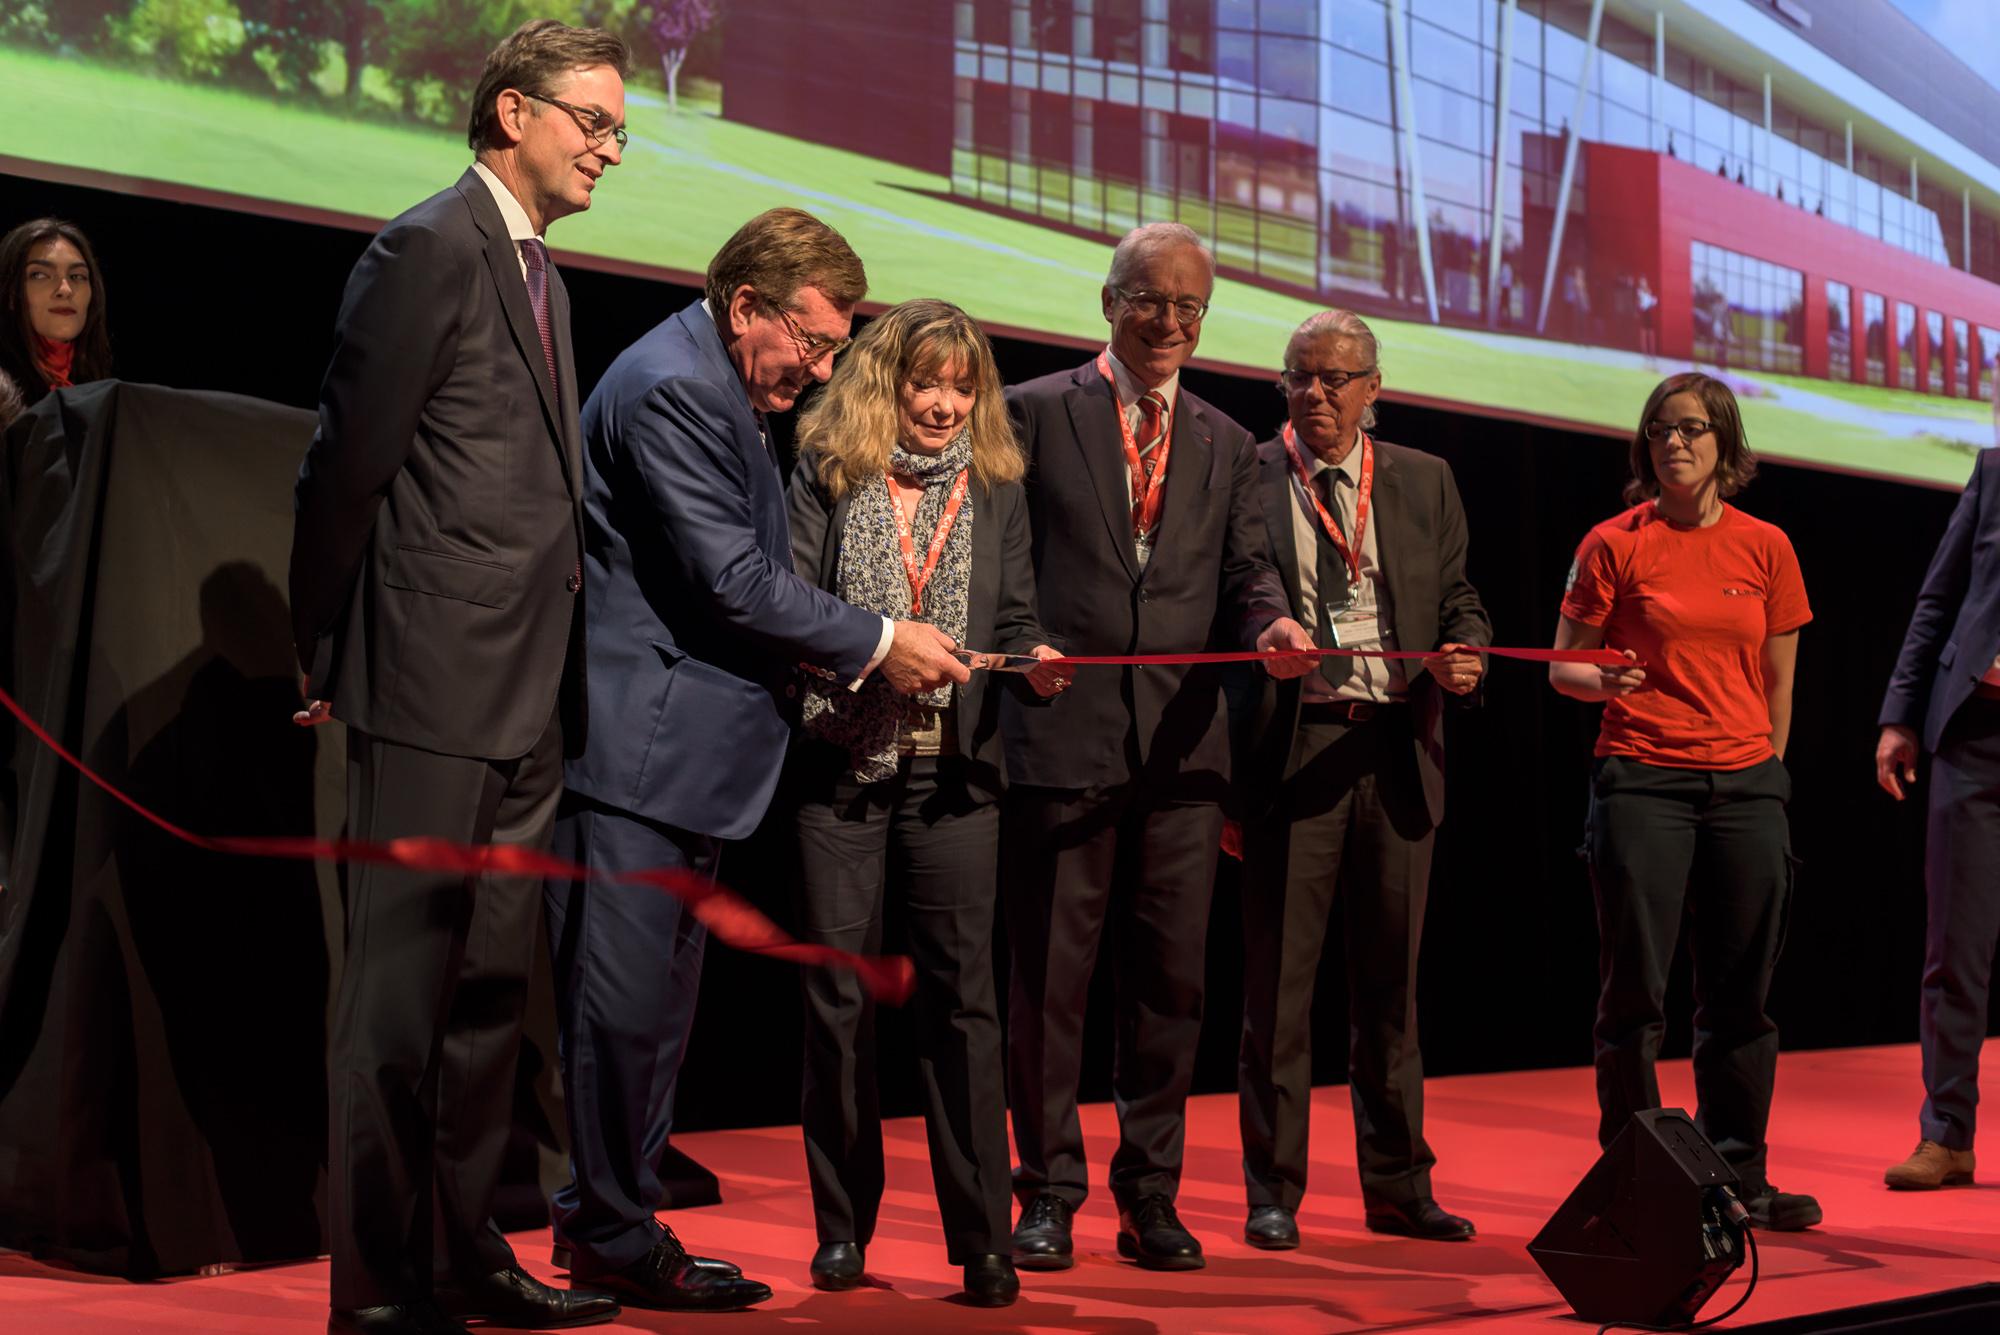 Aurélien AUDY - photographe Lyon Villeurbanne - reportage événementiel inauguration